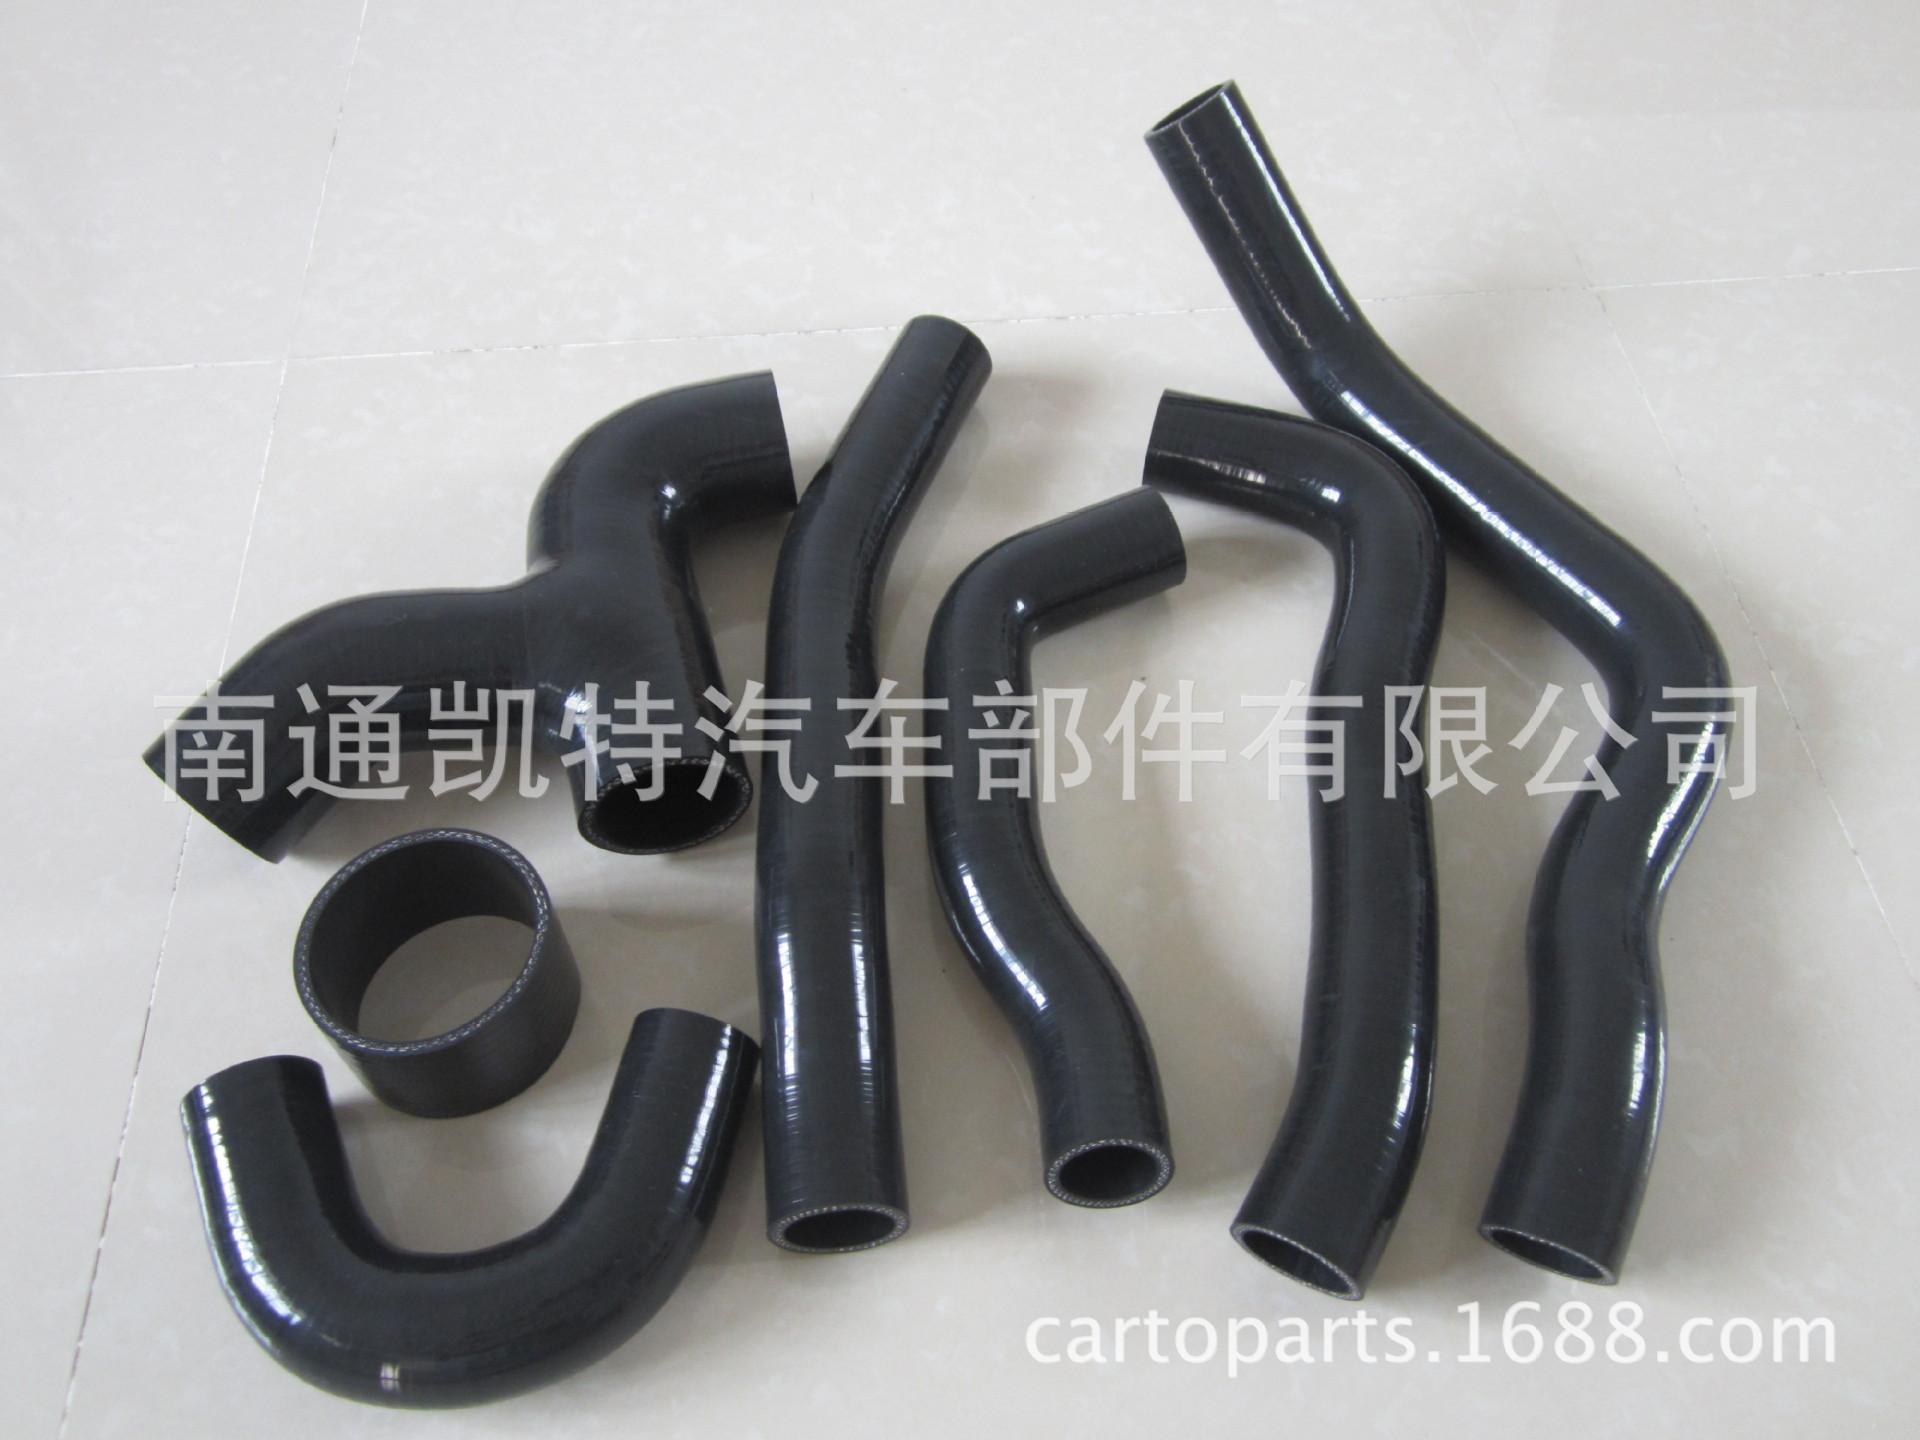 供应涡轮增压管 汽车硅橡胶管 耐高温增压管橡胶管水管